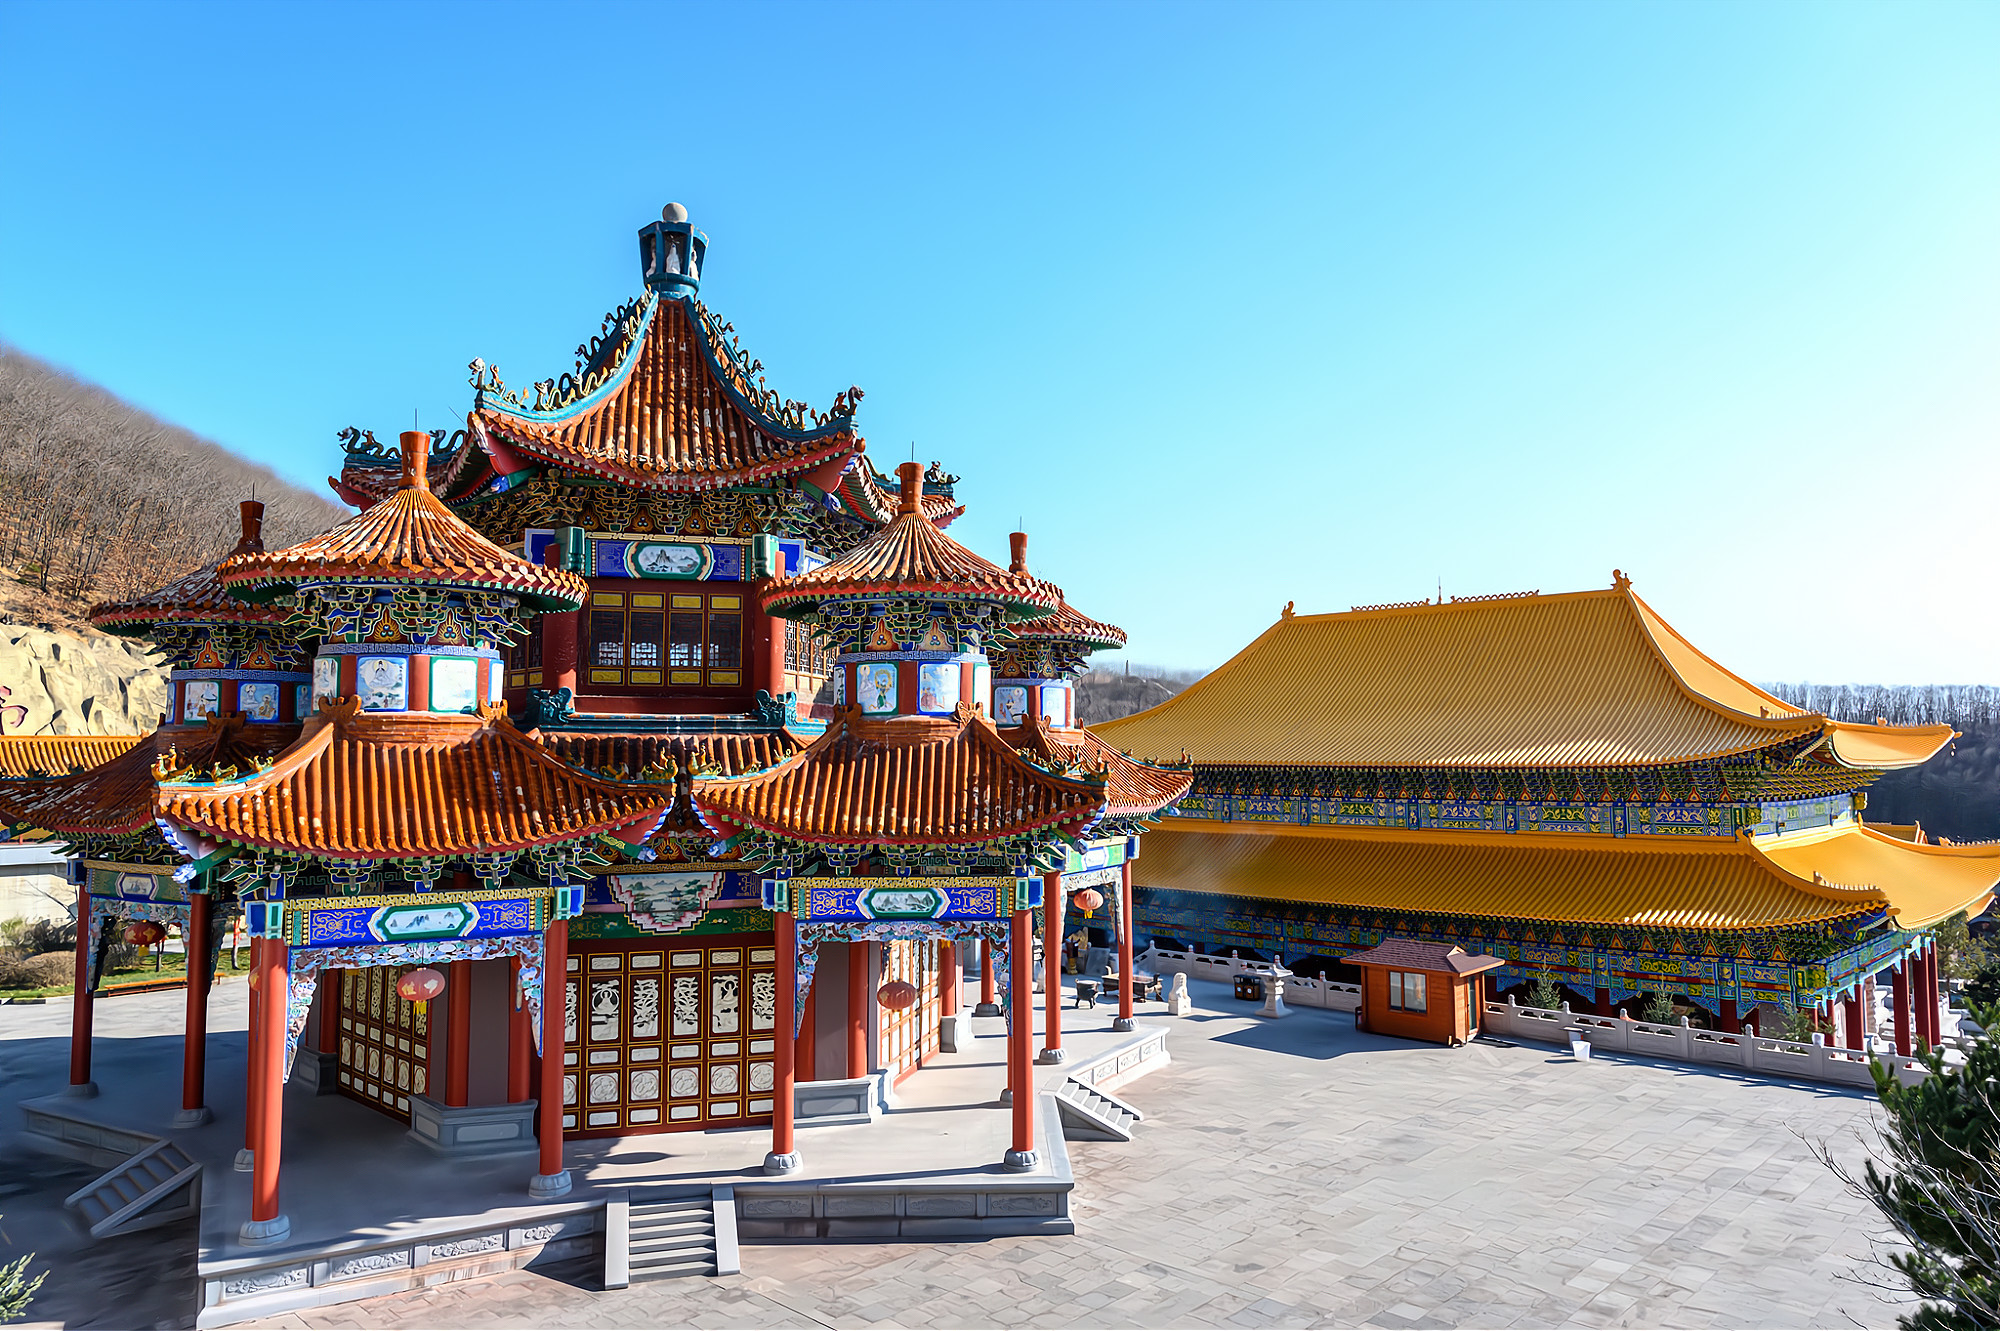 敦化正觉寺最奇特的建筑,六角六亭六门式的观音殿,全国独一无二